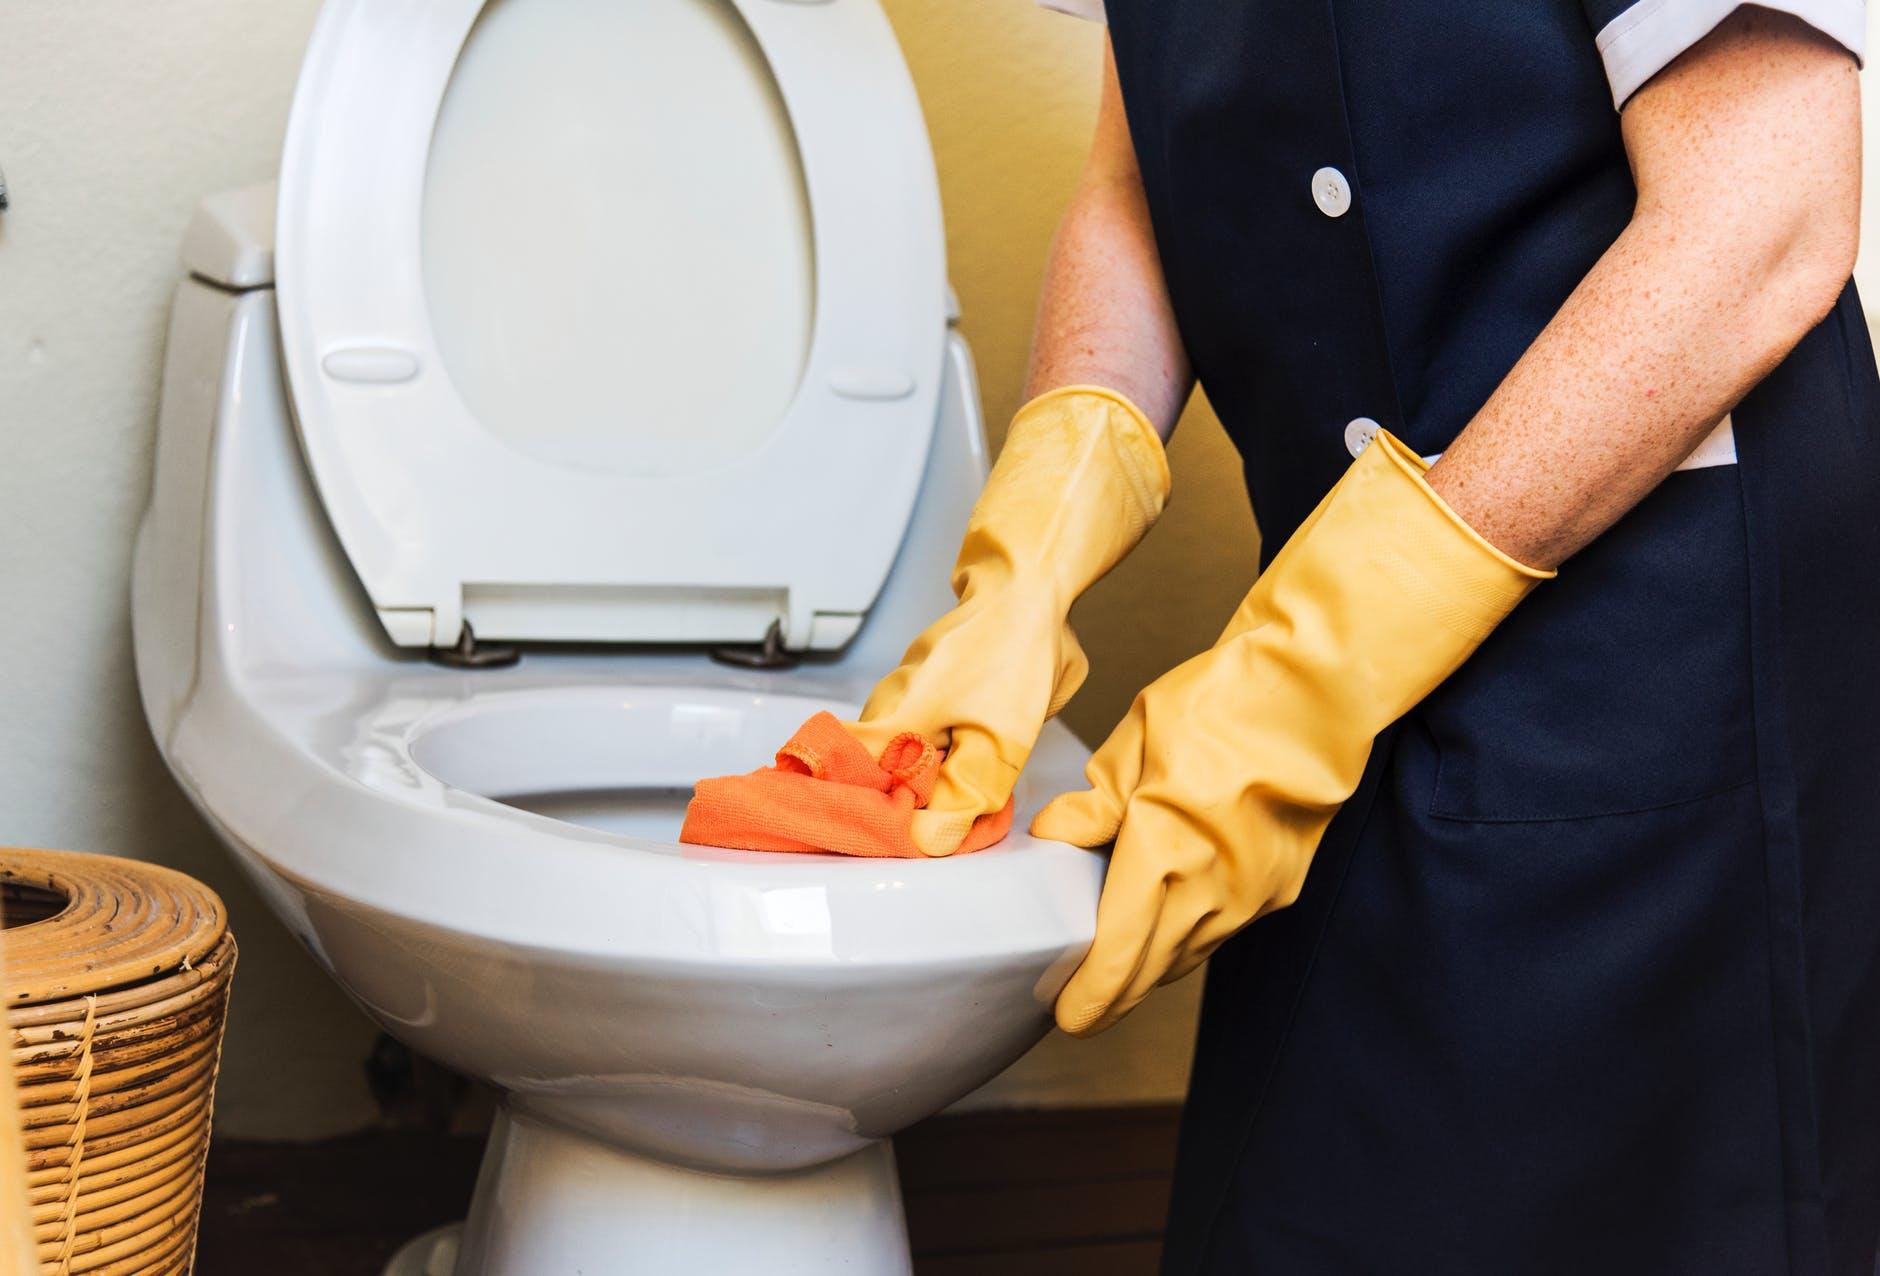 Pourquoi mes toilettes fonctionnent-elles constamment?